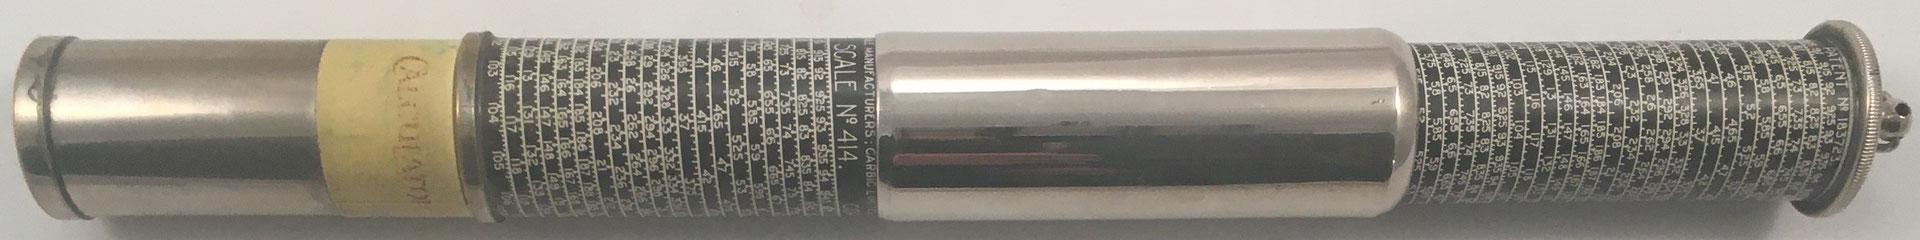 OTIS KING'S Poket Calculator, Modelo K tipo III, escalas nº 414 y nº 423, s/n 7333, made in England, año 1923, 3 cm diámetro (longitud: 15 cm cerrada, 26 cm desplegada),  (precio estimado: 150€)